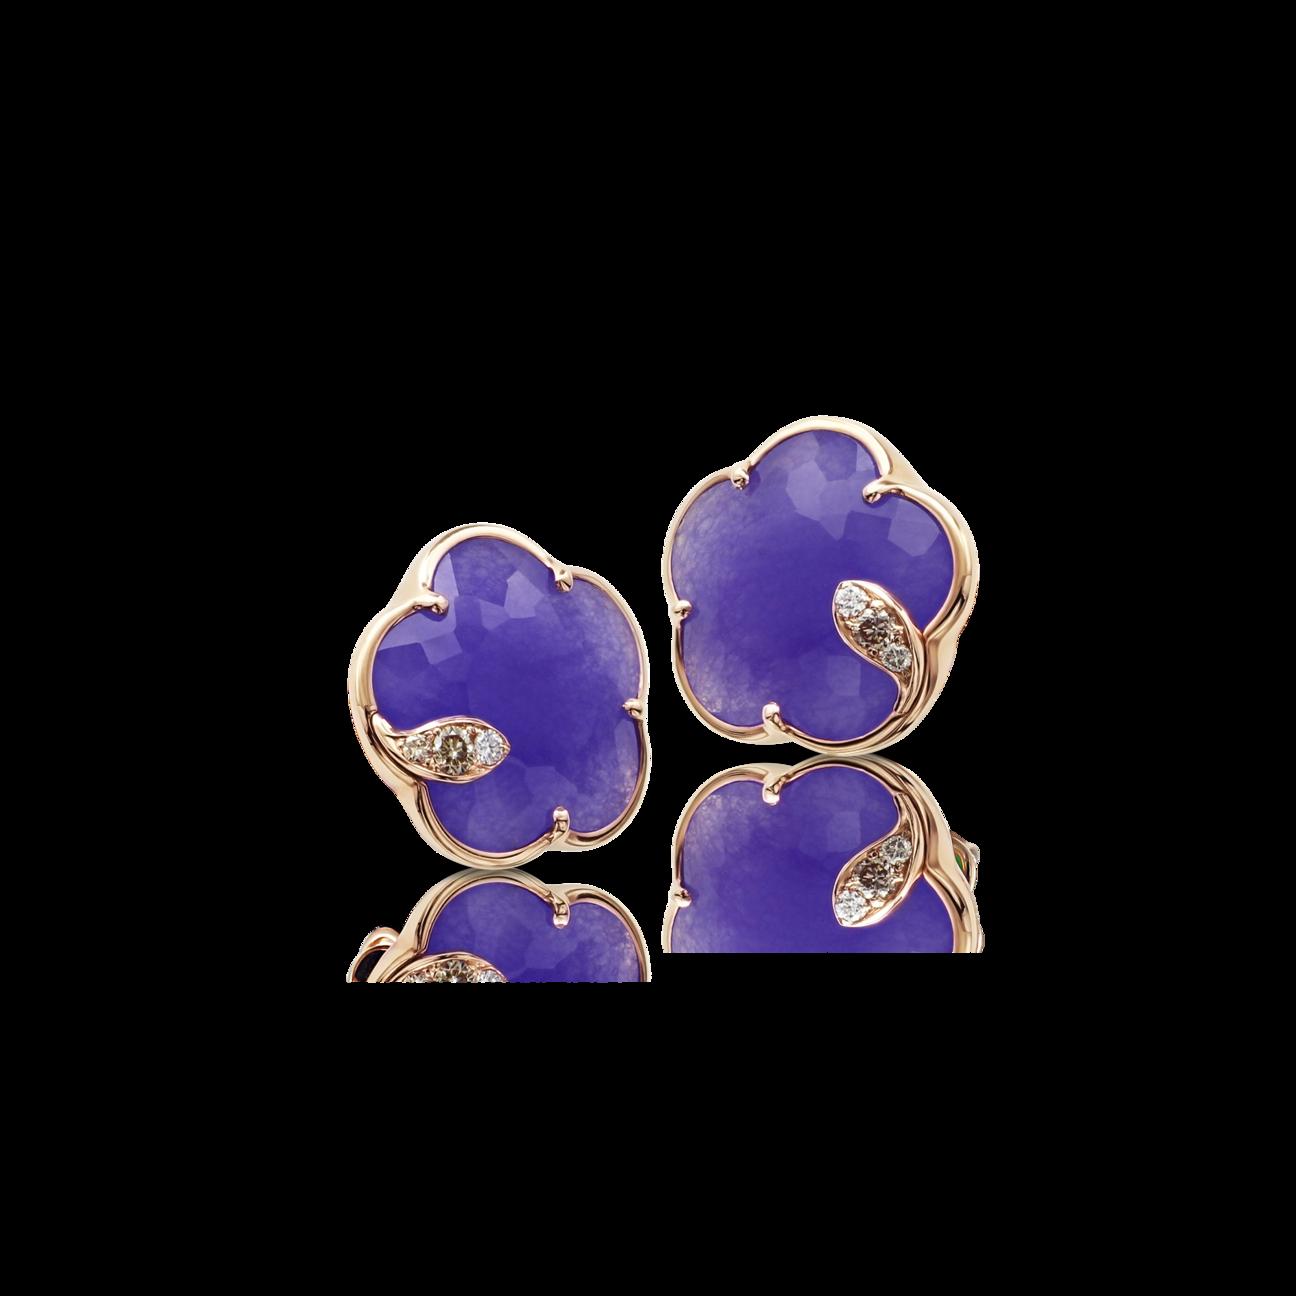 EARRINGS PETIT JOLI Violet Quartz